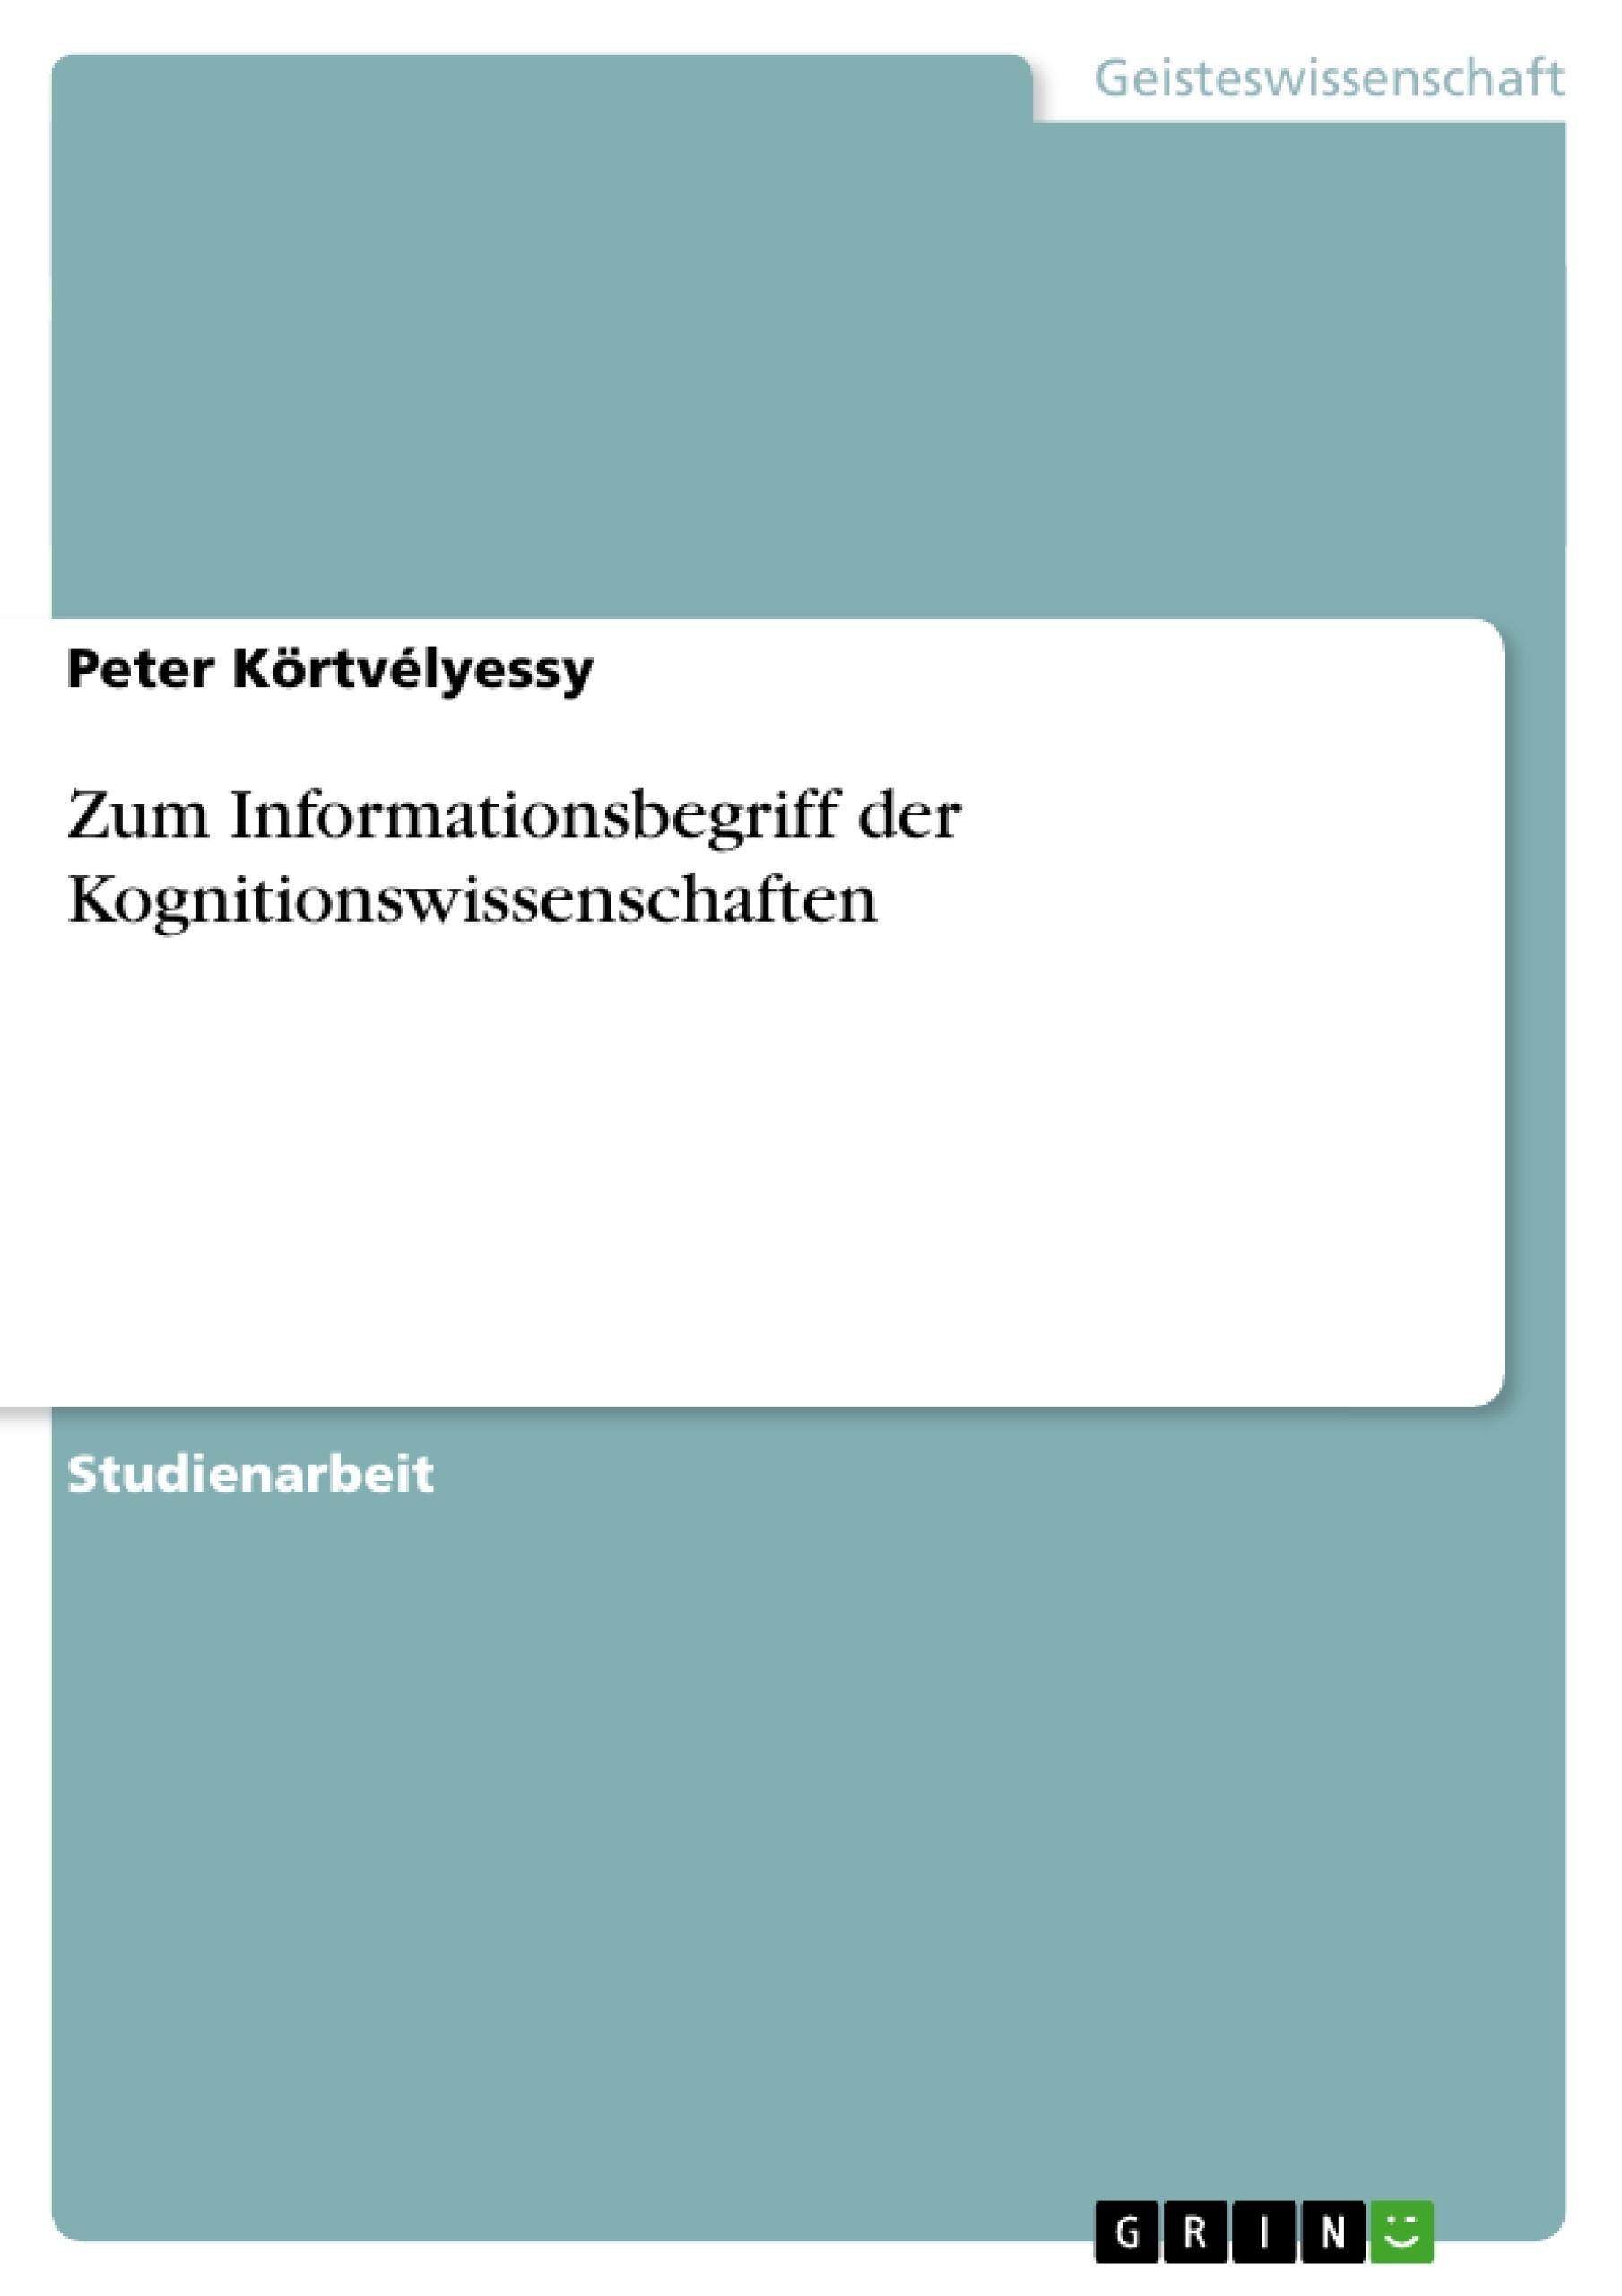 Titel: Zum Informationsbegriff der Kognitionswissenschaften